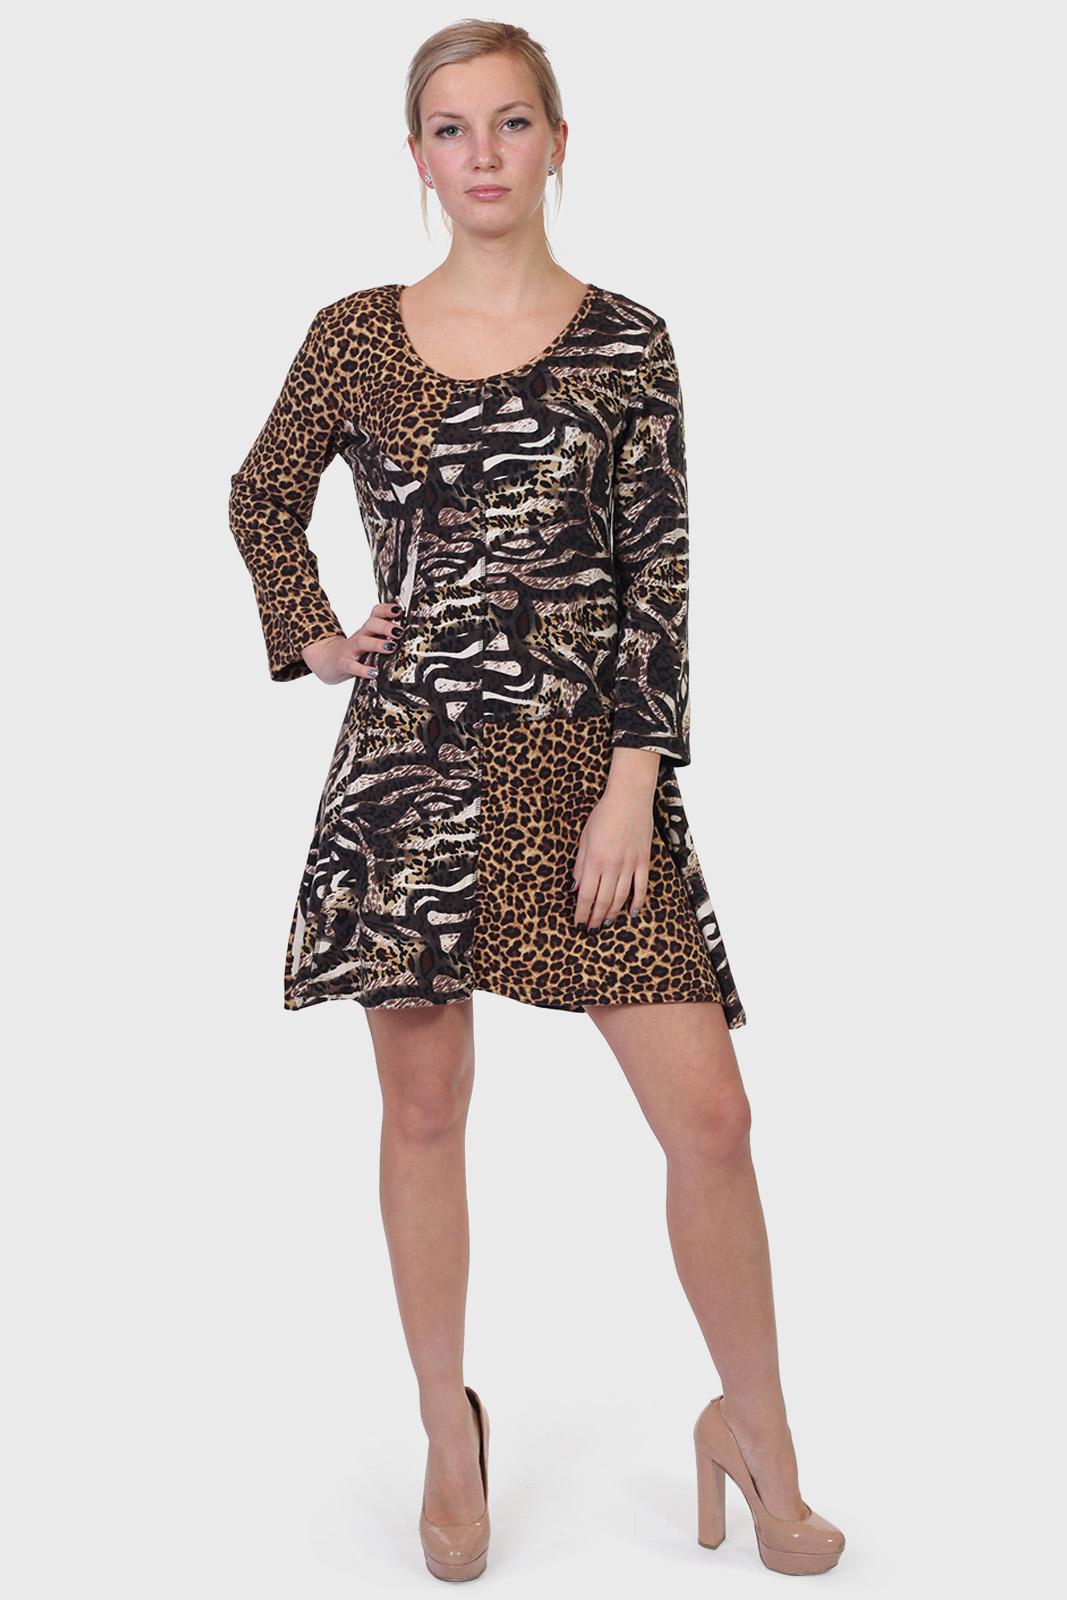 Самые стильные модели платьев собраны на сайте Военпро